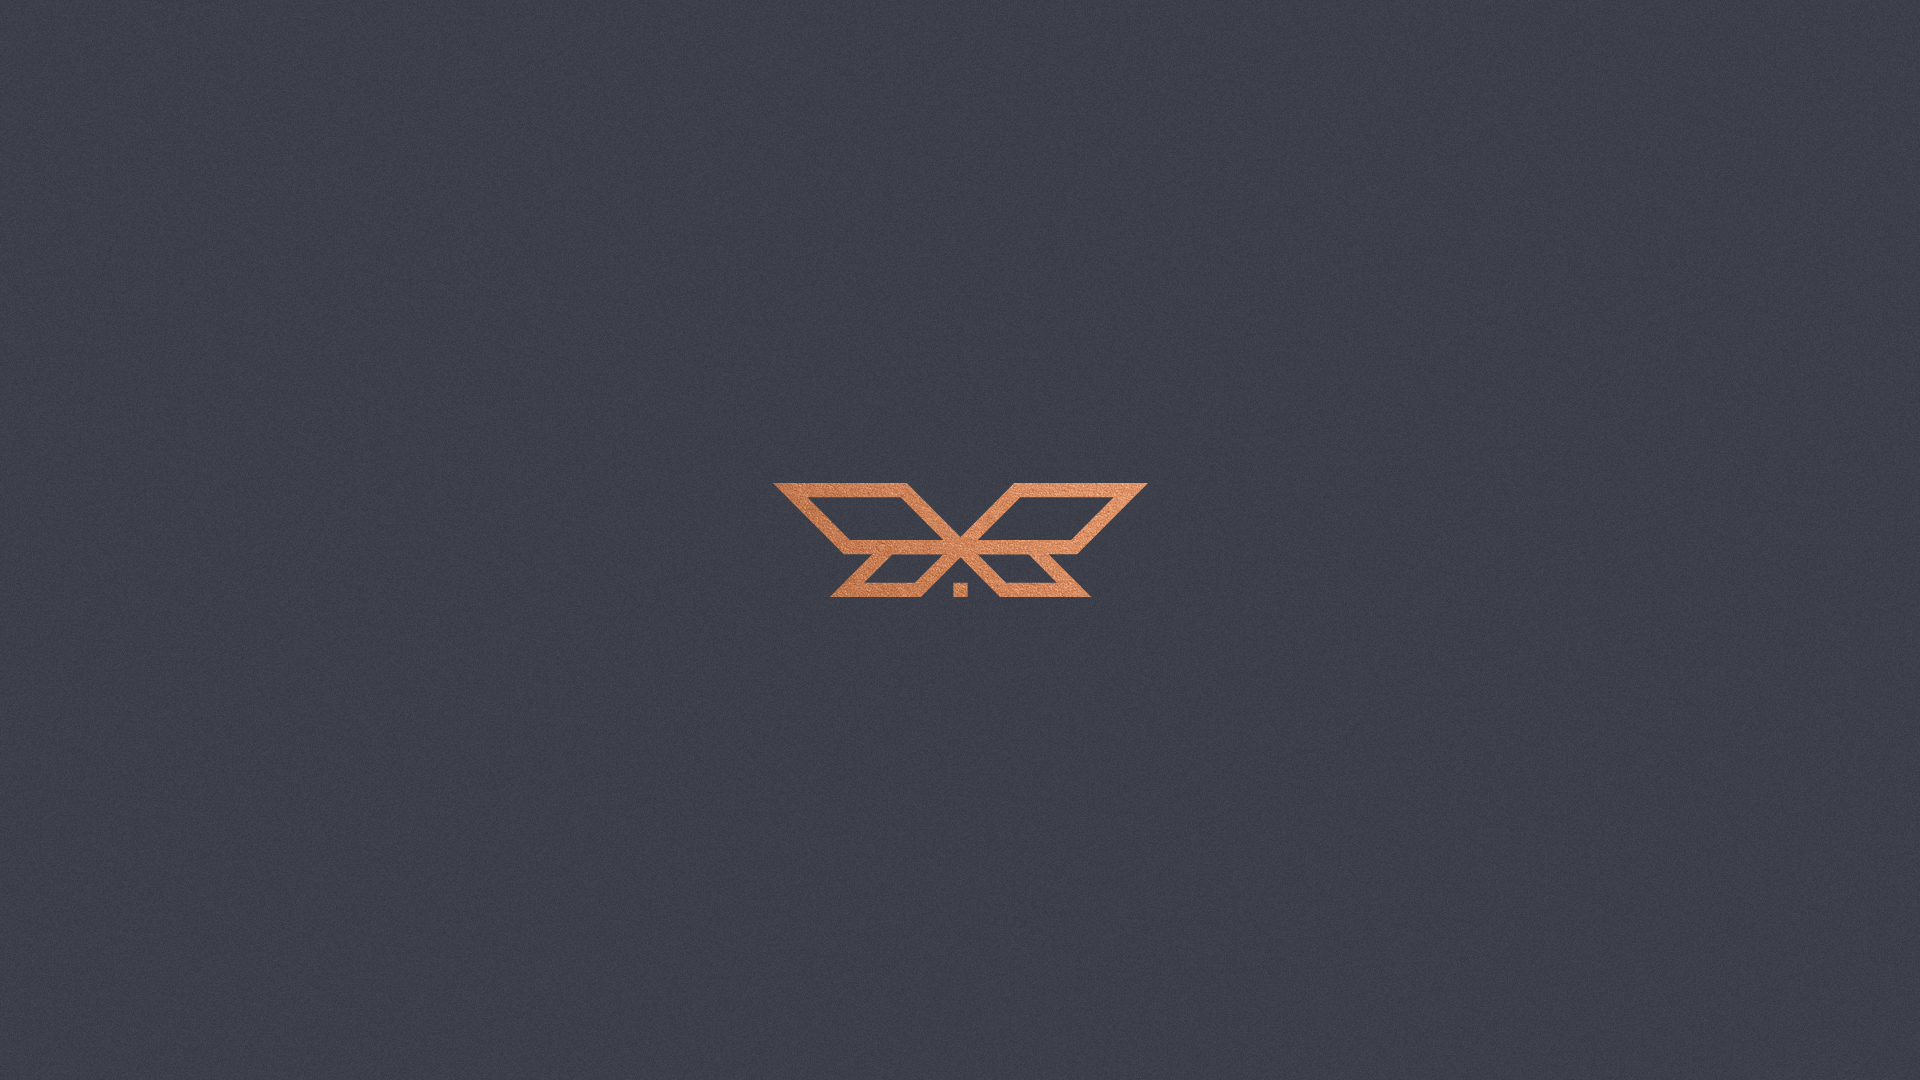 Vissotto Studio Design Brand and Visual Identity for Bredha Architecture